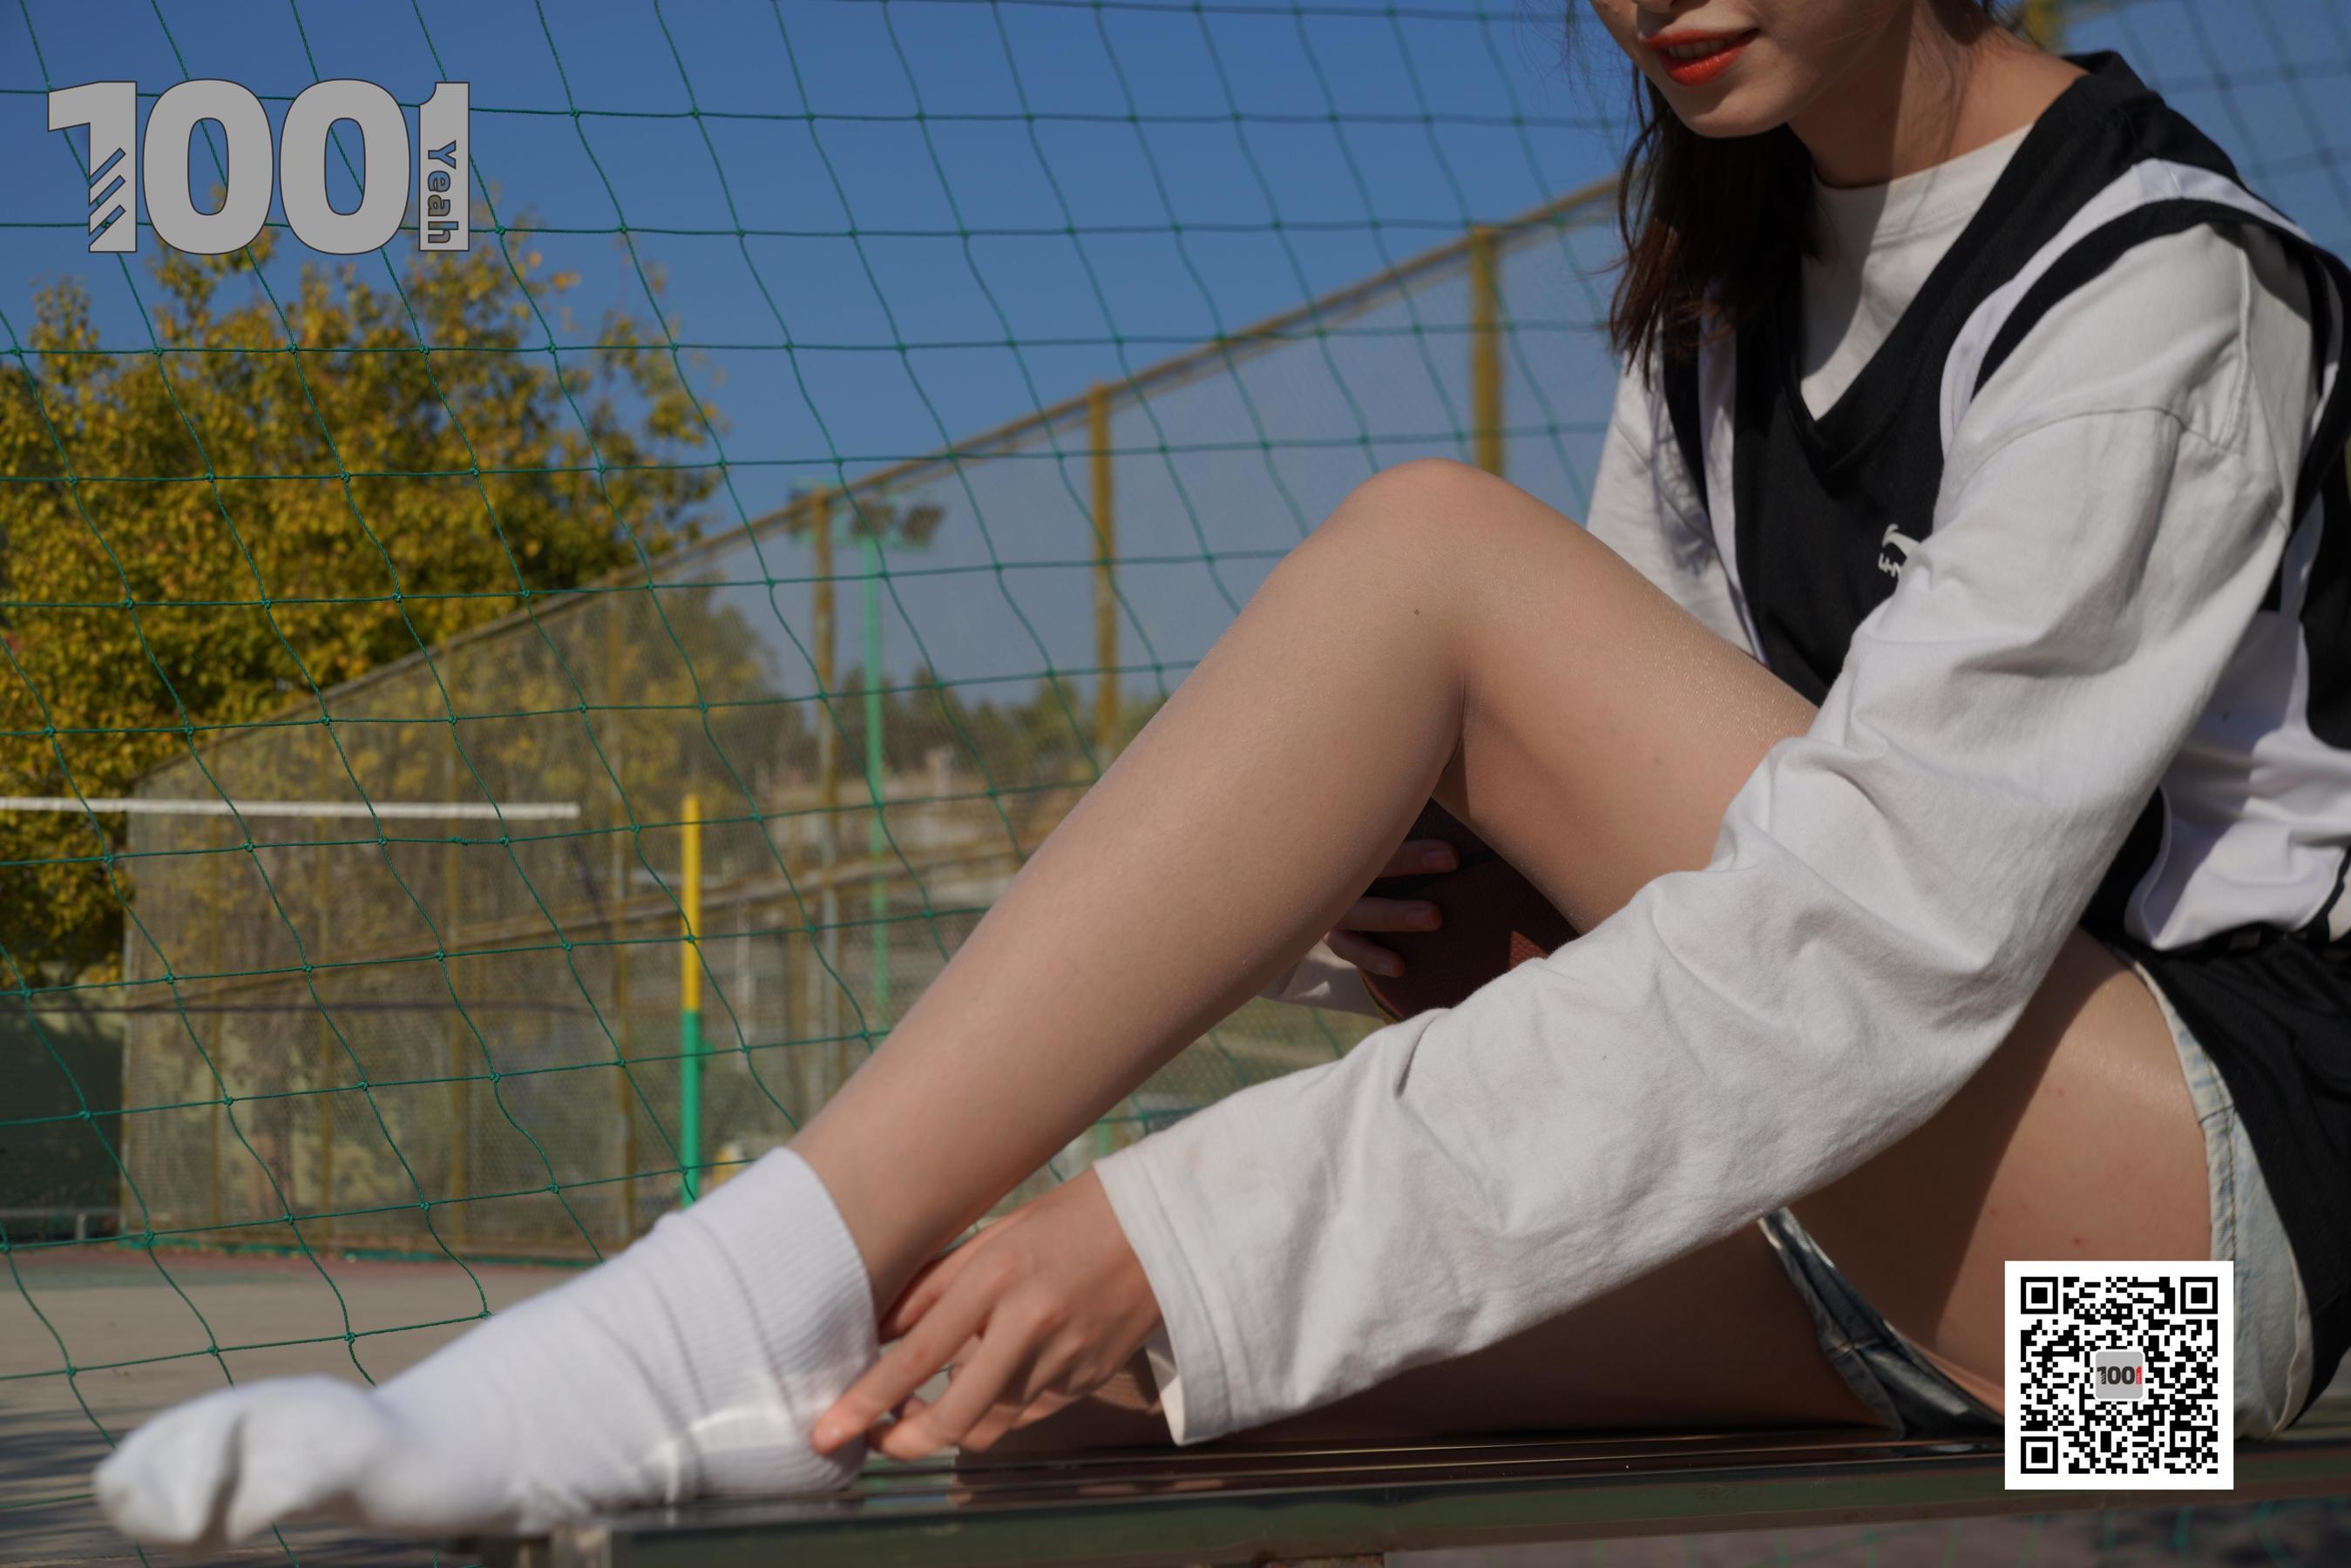 图片[1] - [IESS一千零一夜] 模特:草莓《陪女朋友打篮球4》 美脚丝足写真集[90P] - 唯独你没懂